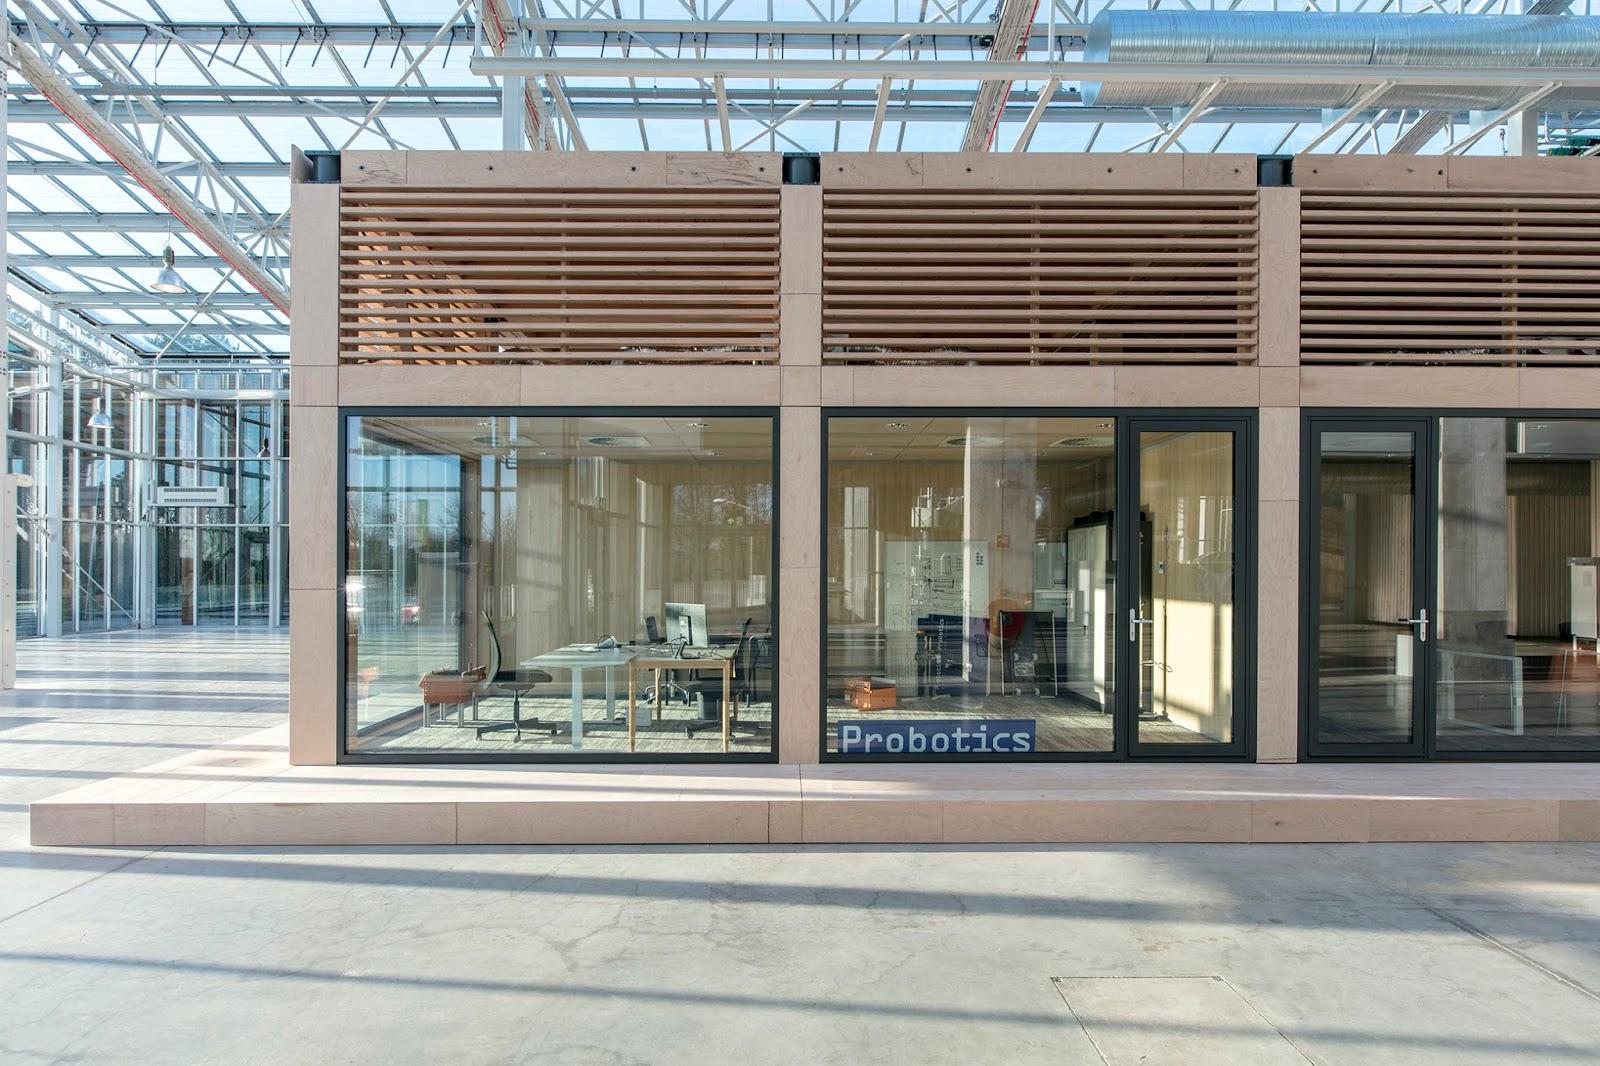 Interieur en architectuur fotograaf michael van oosten villa